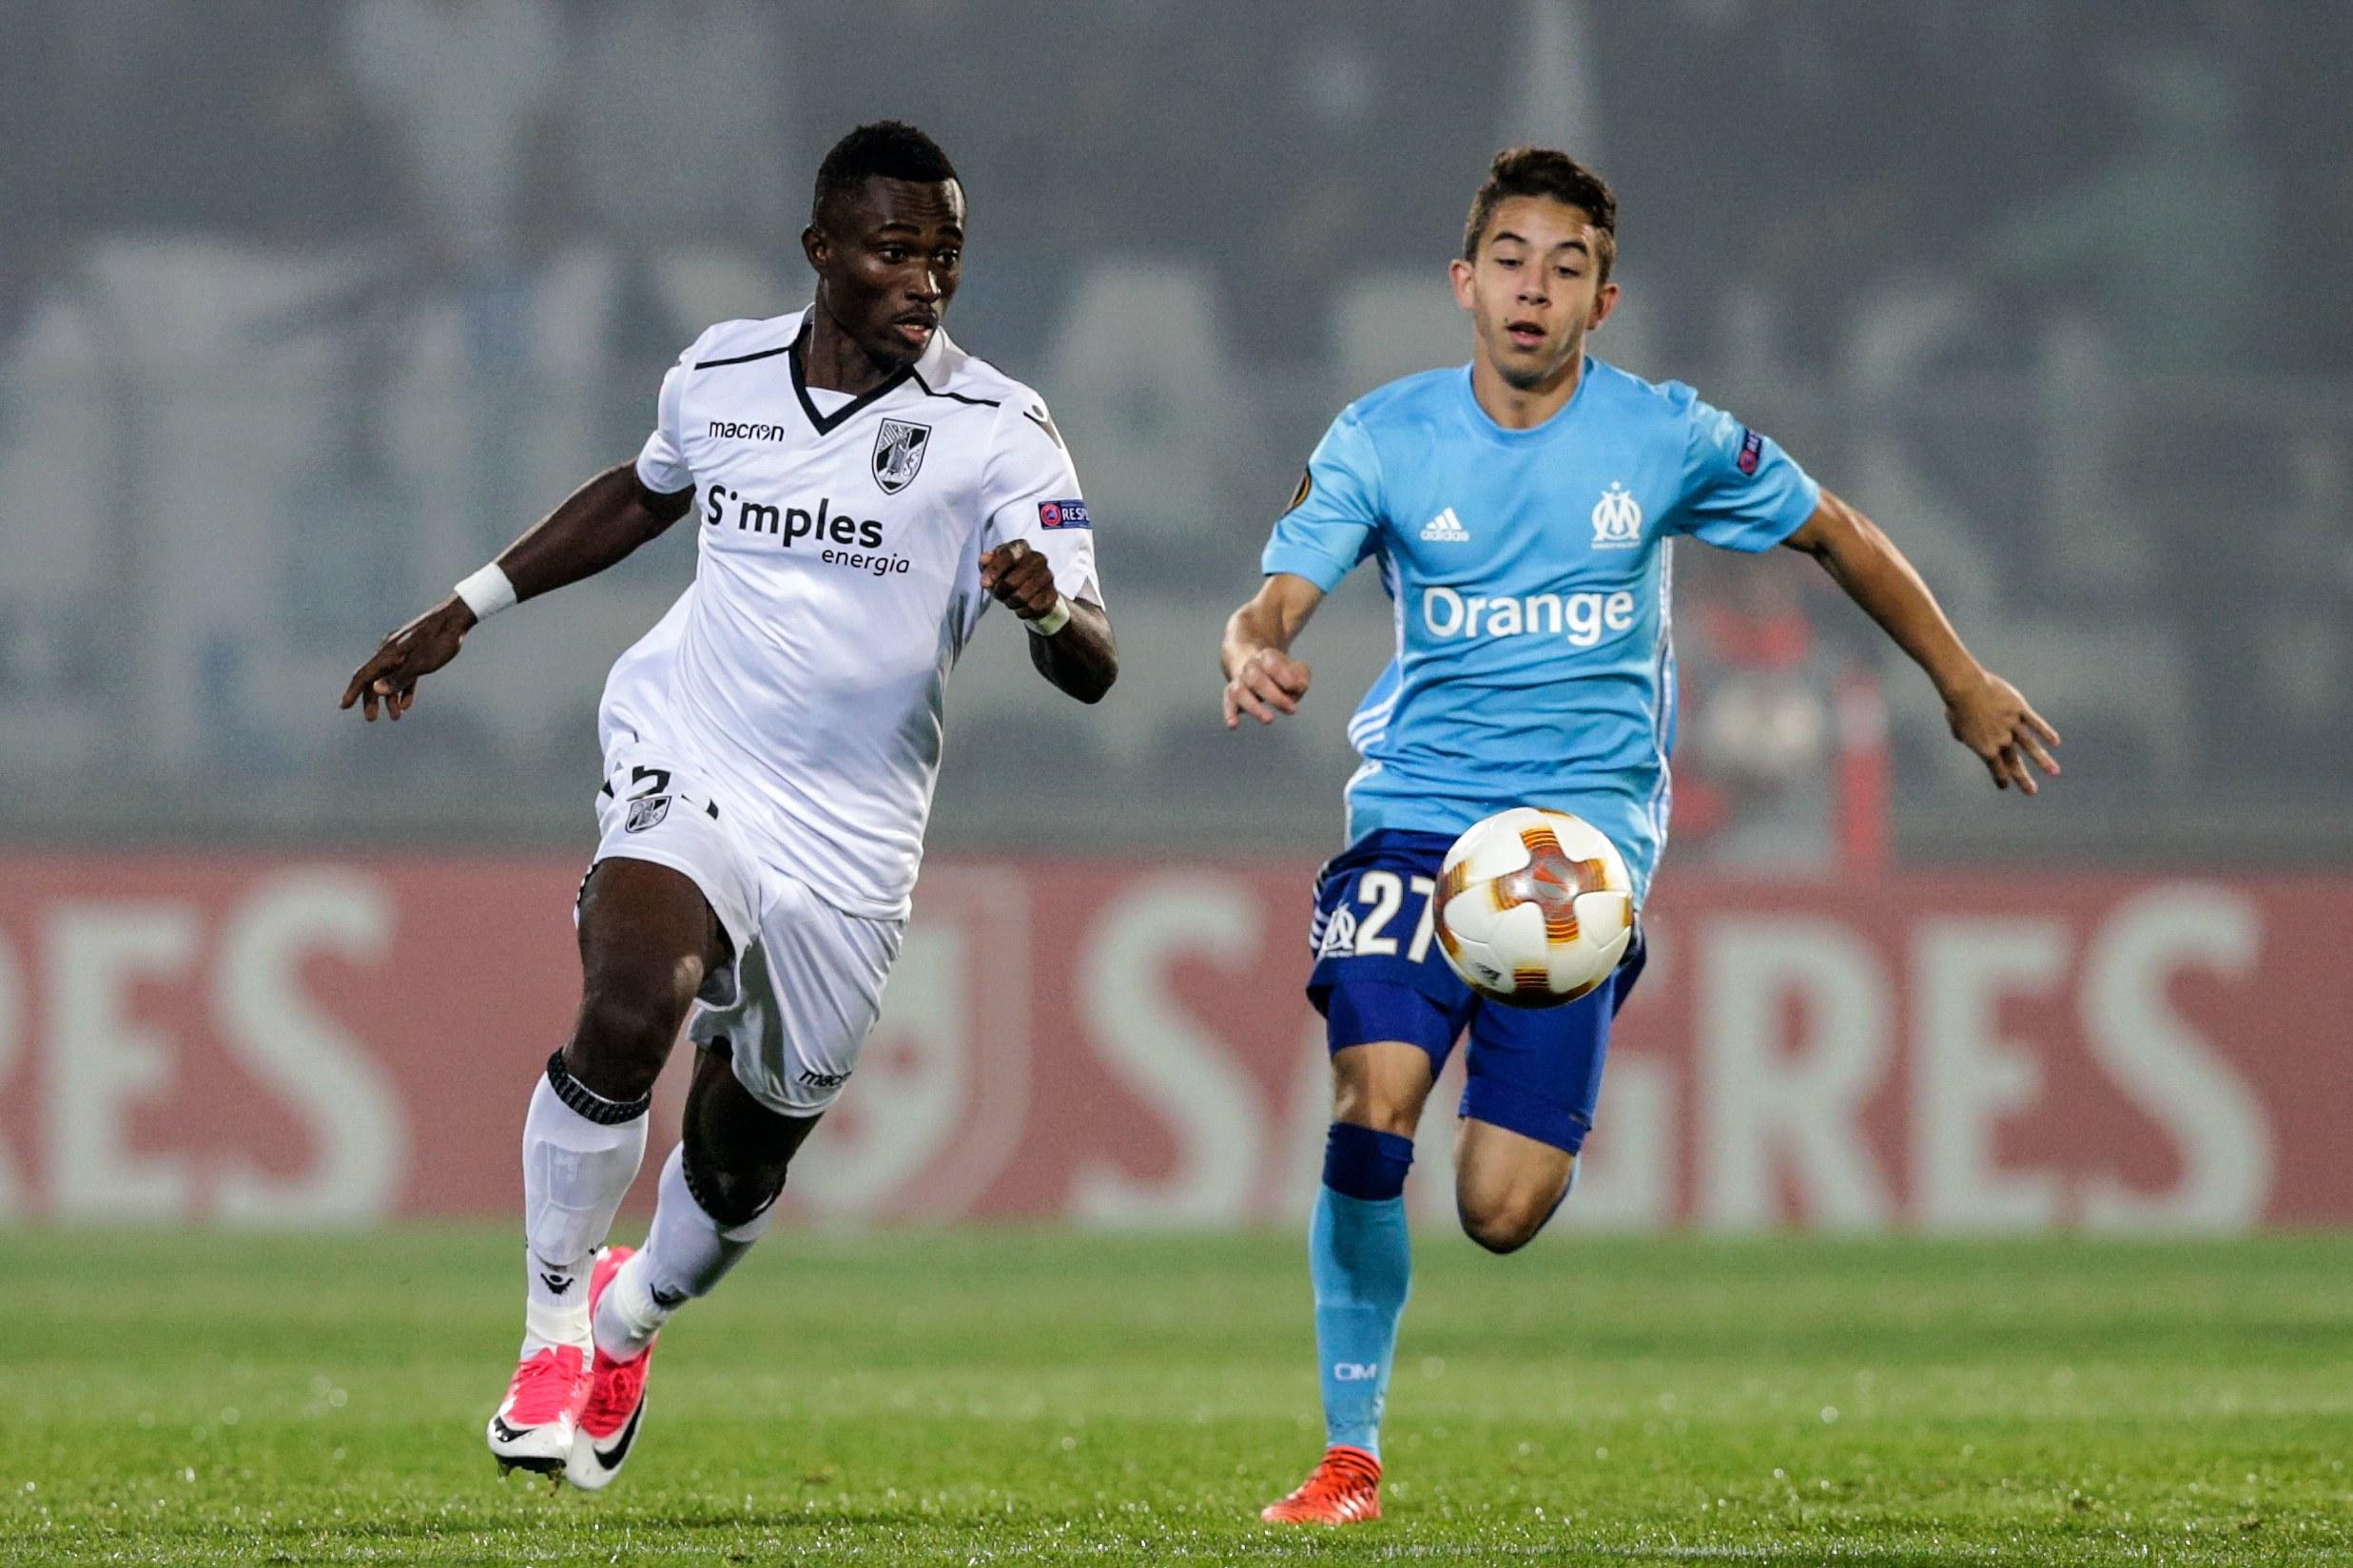 Konan transfere-se do Vitória de Guimarães para Stade de Reims